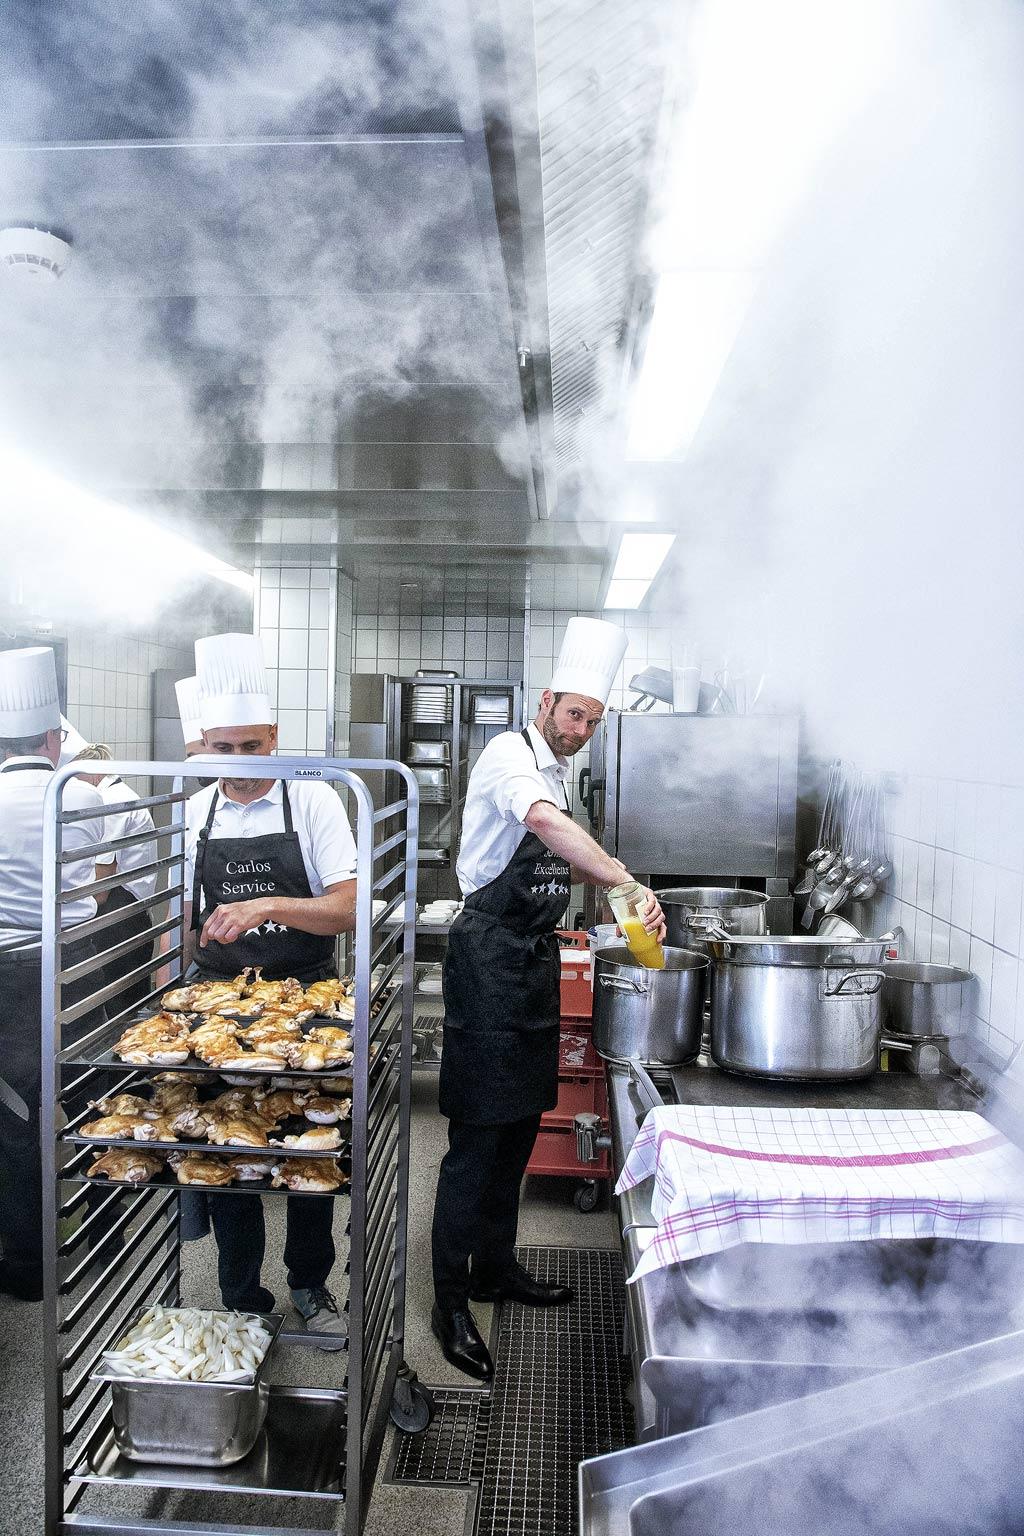 Kochevent zum Teambuilding © Hermann Jansen